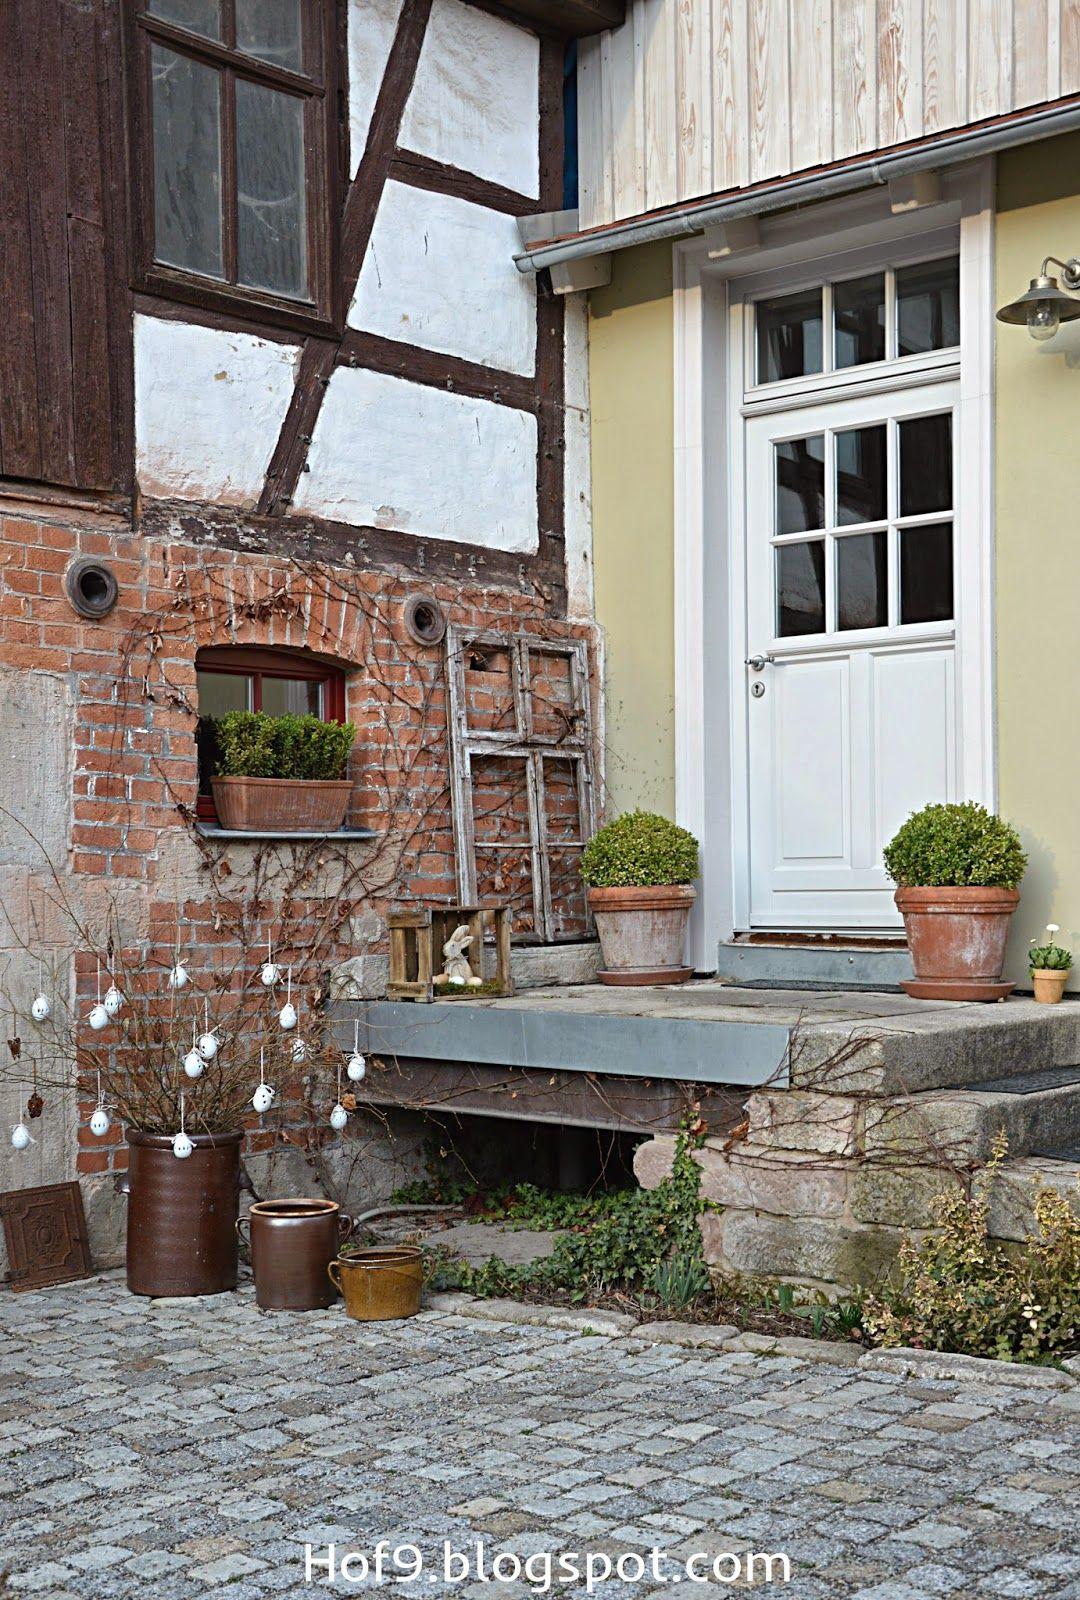 ostern steht vor der t r und ein eier diy zahrada pinterest eier t ren und stehen. Black Bedroom Furniture Sets. Home Design Ideas